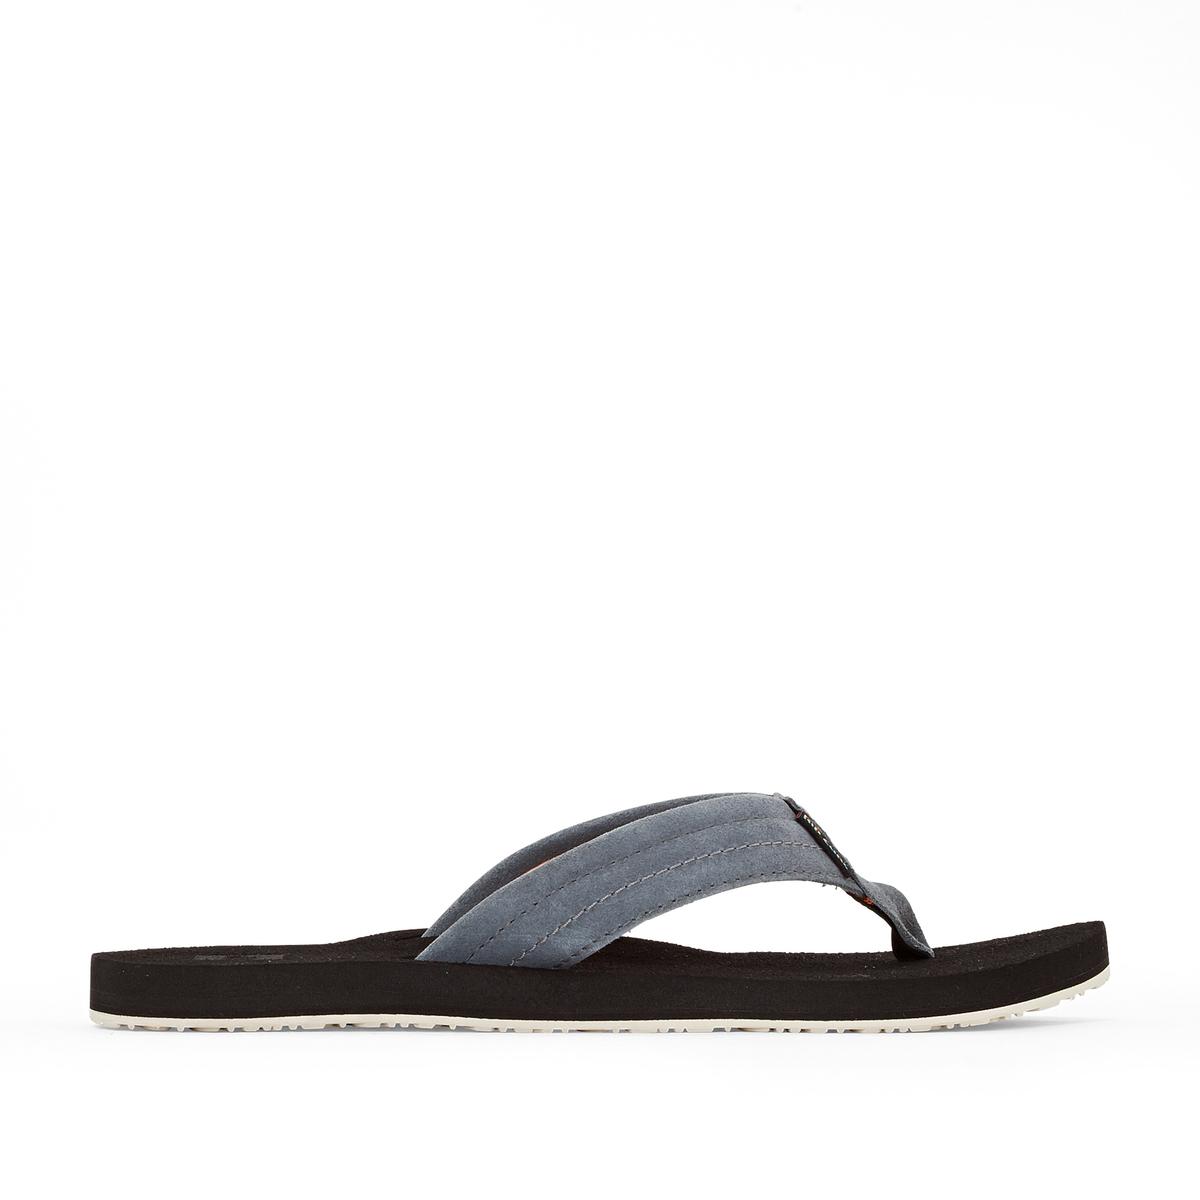 Вьетнамки SmokeyВерх/Голенище : кожа   Стелька : кожа   Подошва : каучук   Форма каблука : плоский каблук   Мысок : открытый мысок   Застежка : без застежки<br><br>Цвет: серый<br>Размер: 41